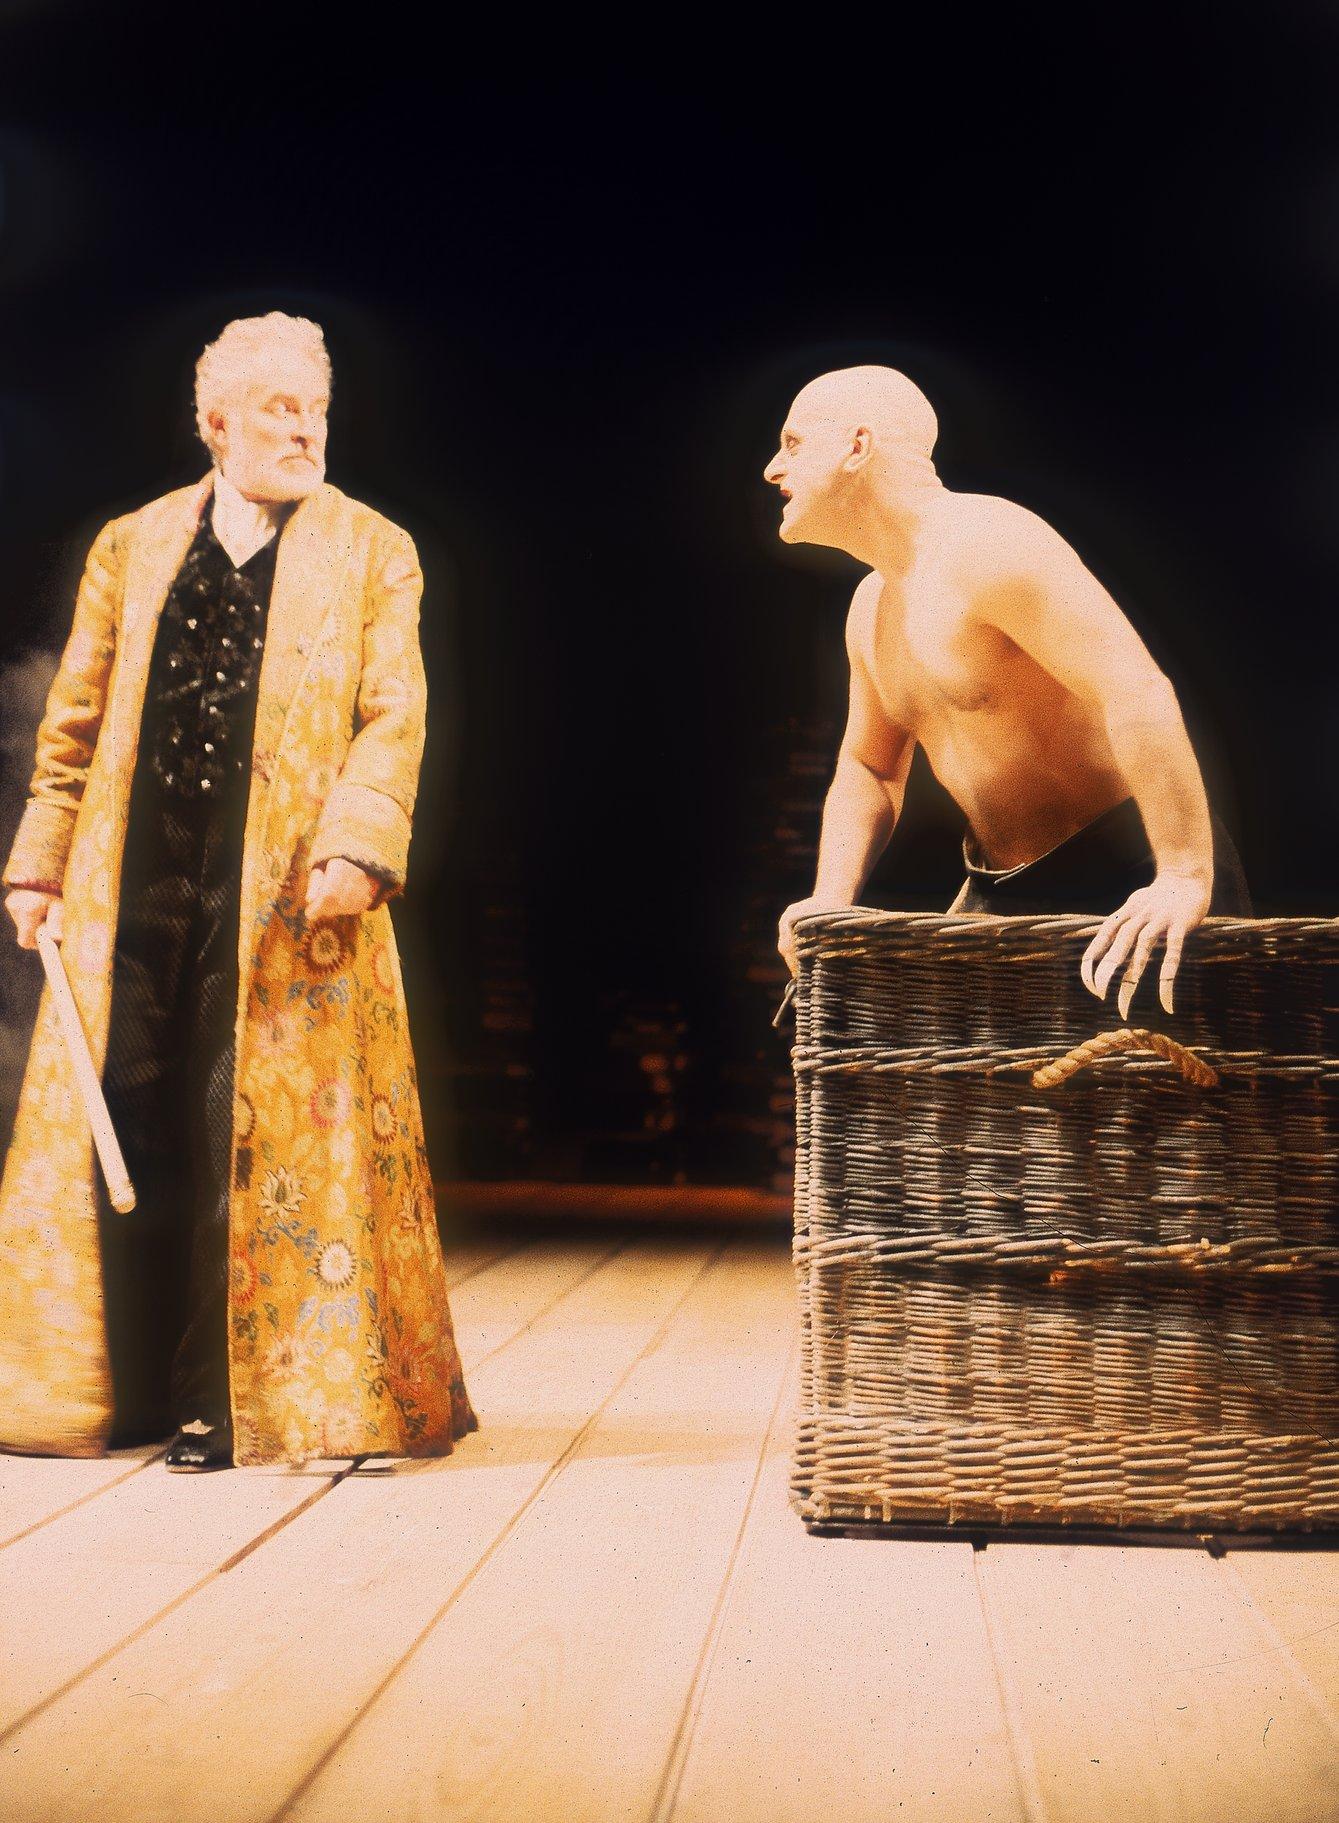 Caliban sneers at Prospero.